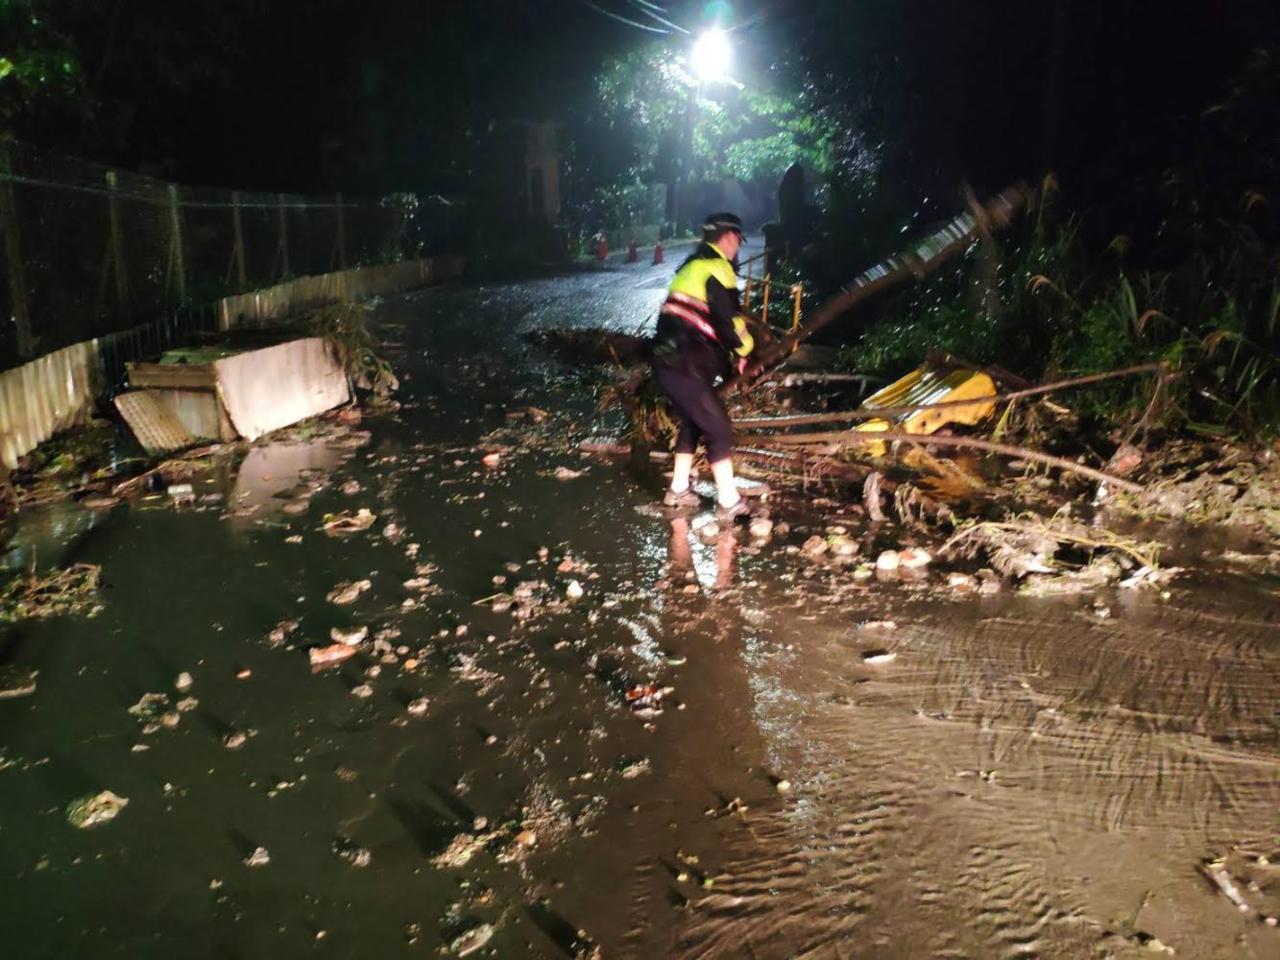 基隆市警二分局信義派出所員警昨晚在月眉路發現土石和樹木滑落影響交通,將部分樹木及...